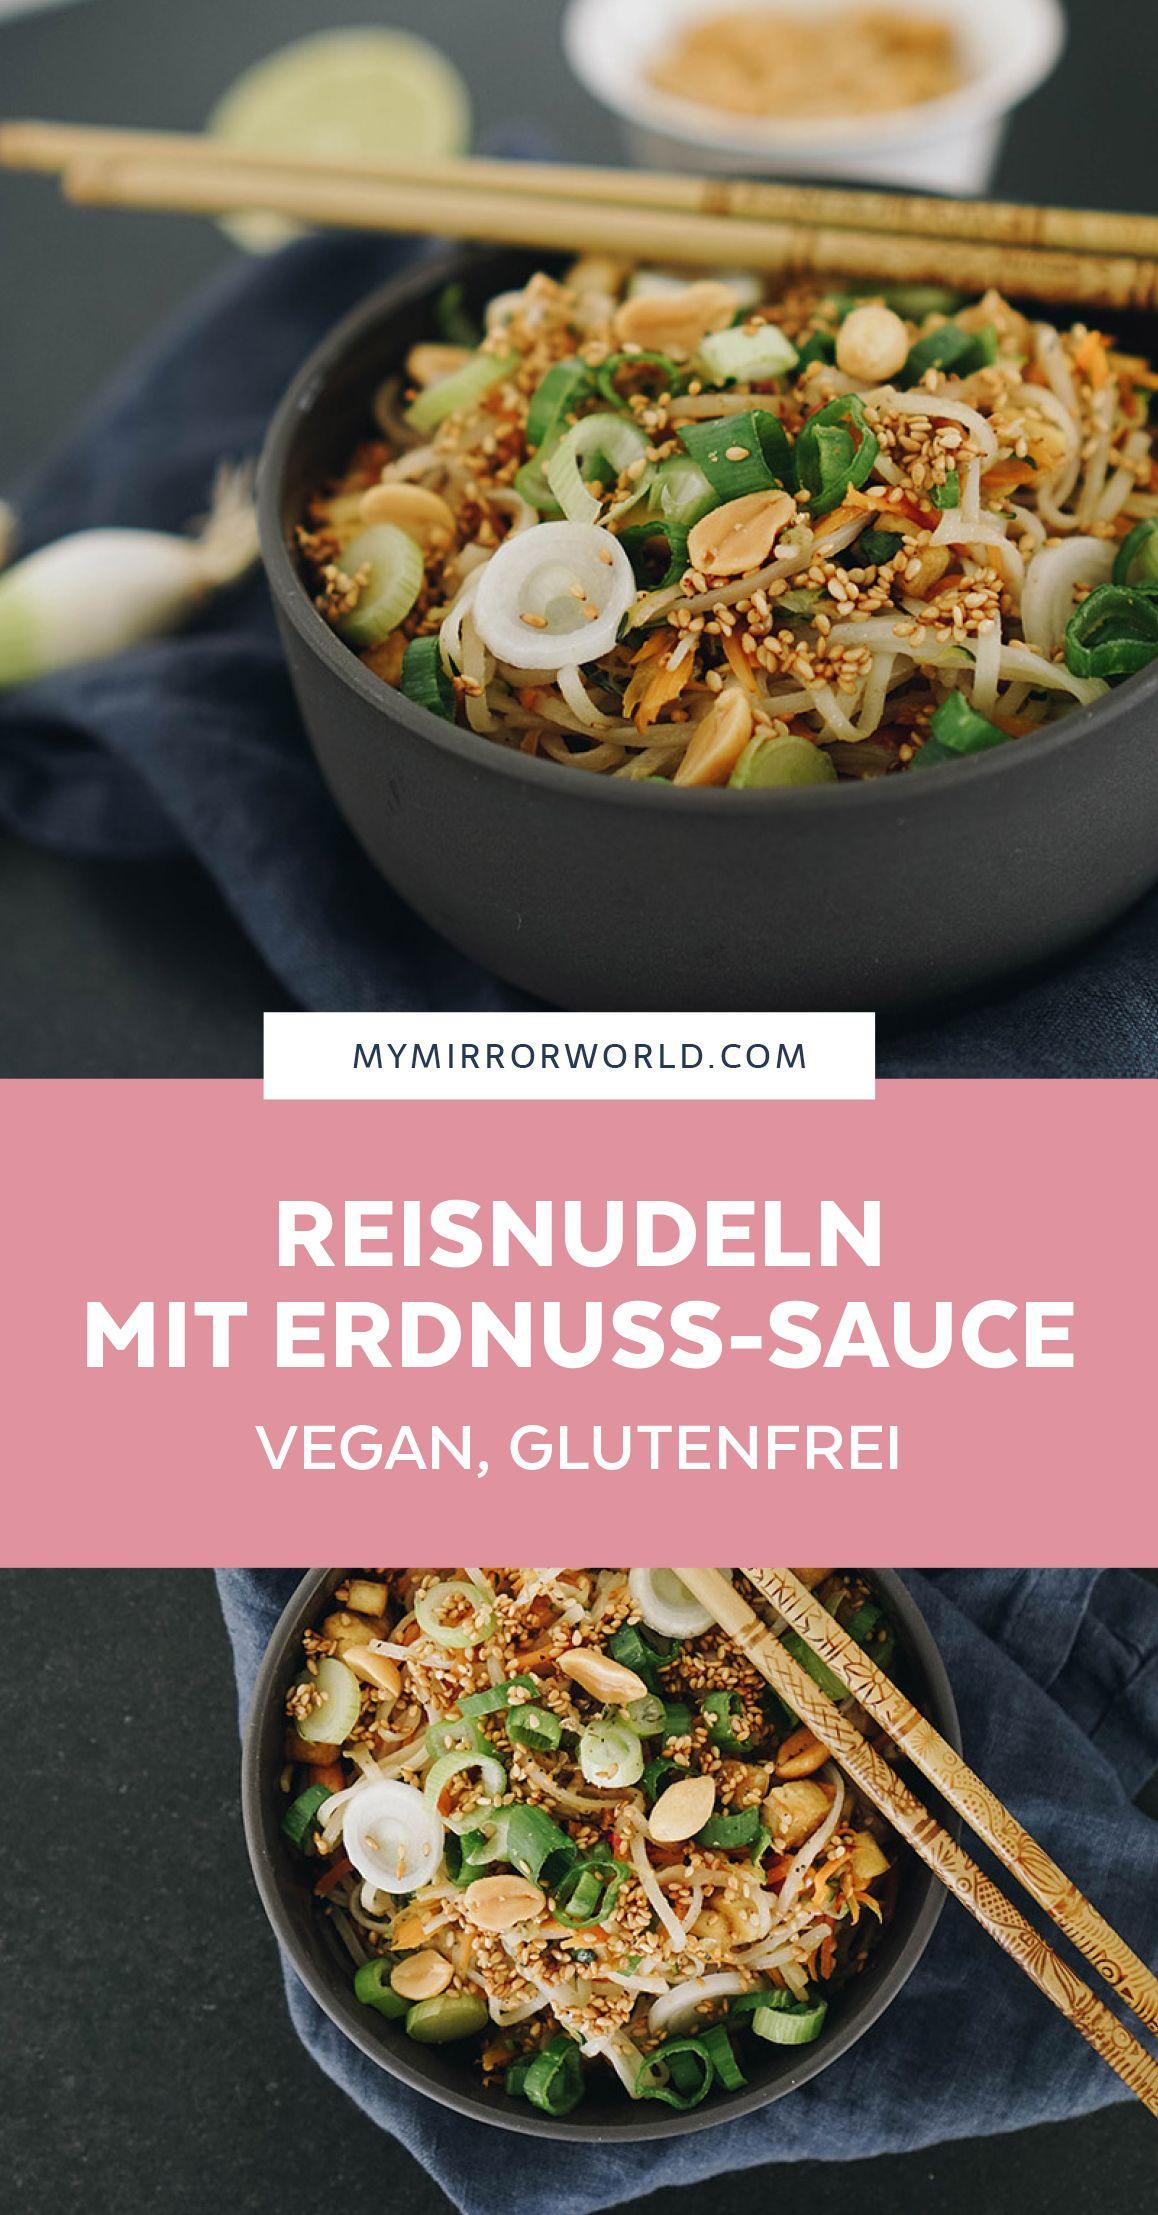 Reisnudeln mit Erdnuss-Sauce – vegan, glutenfrei | Essen ...